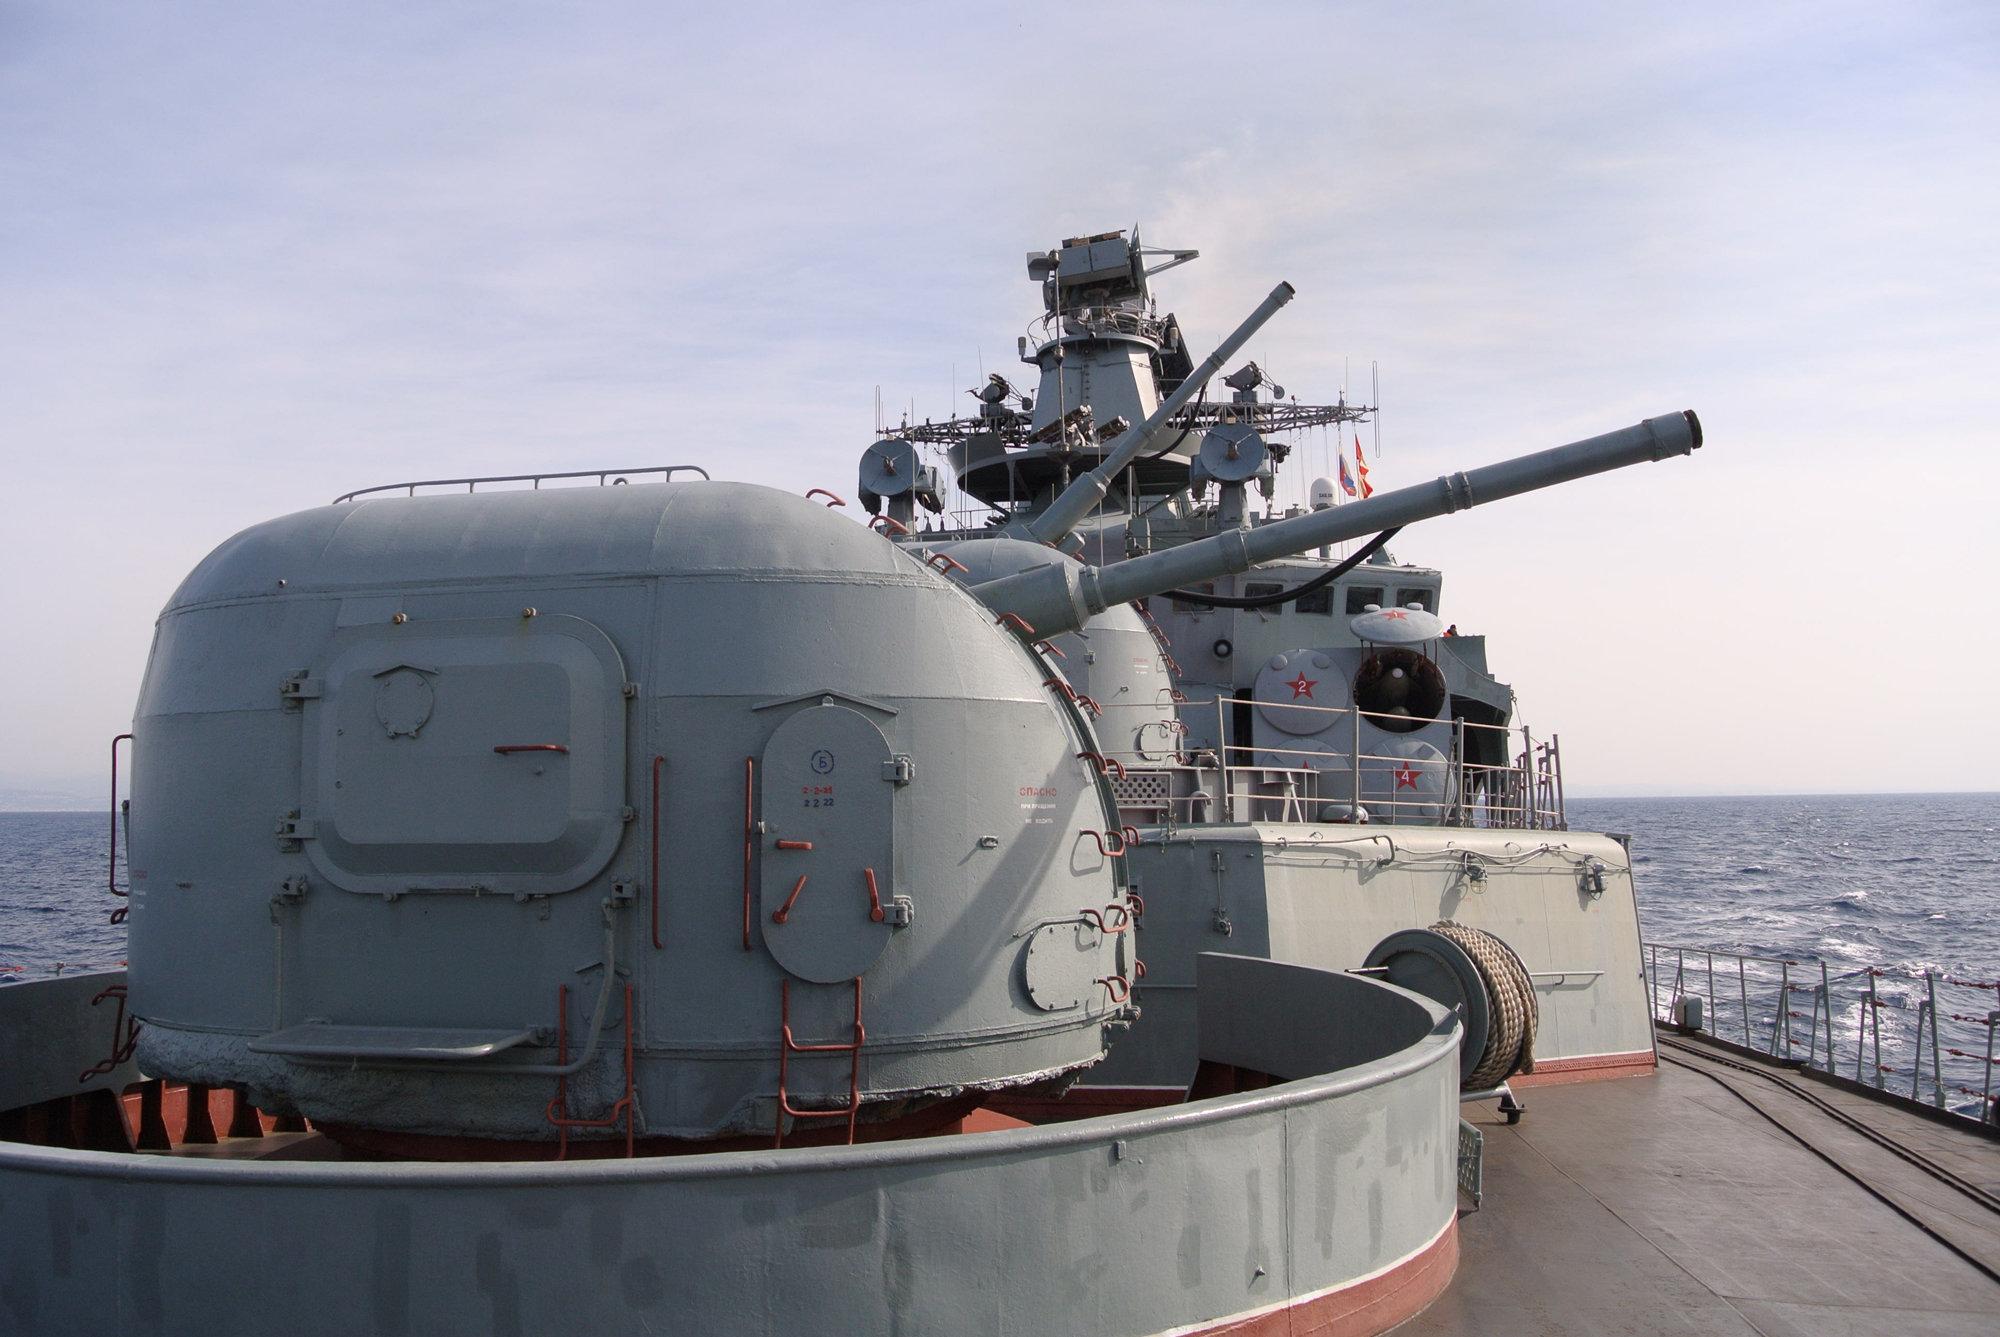 Aydınlık (Турция): Россия начала серию военных учений в Восточном Средиземноморье